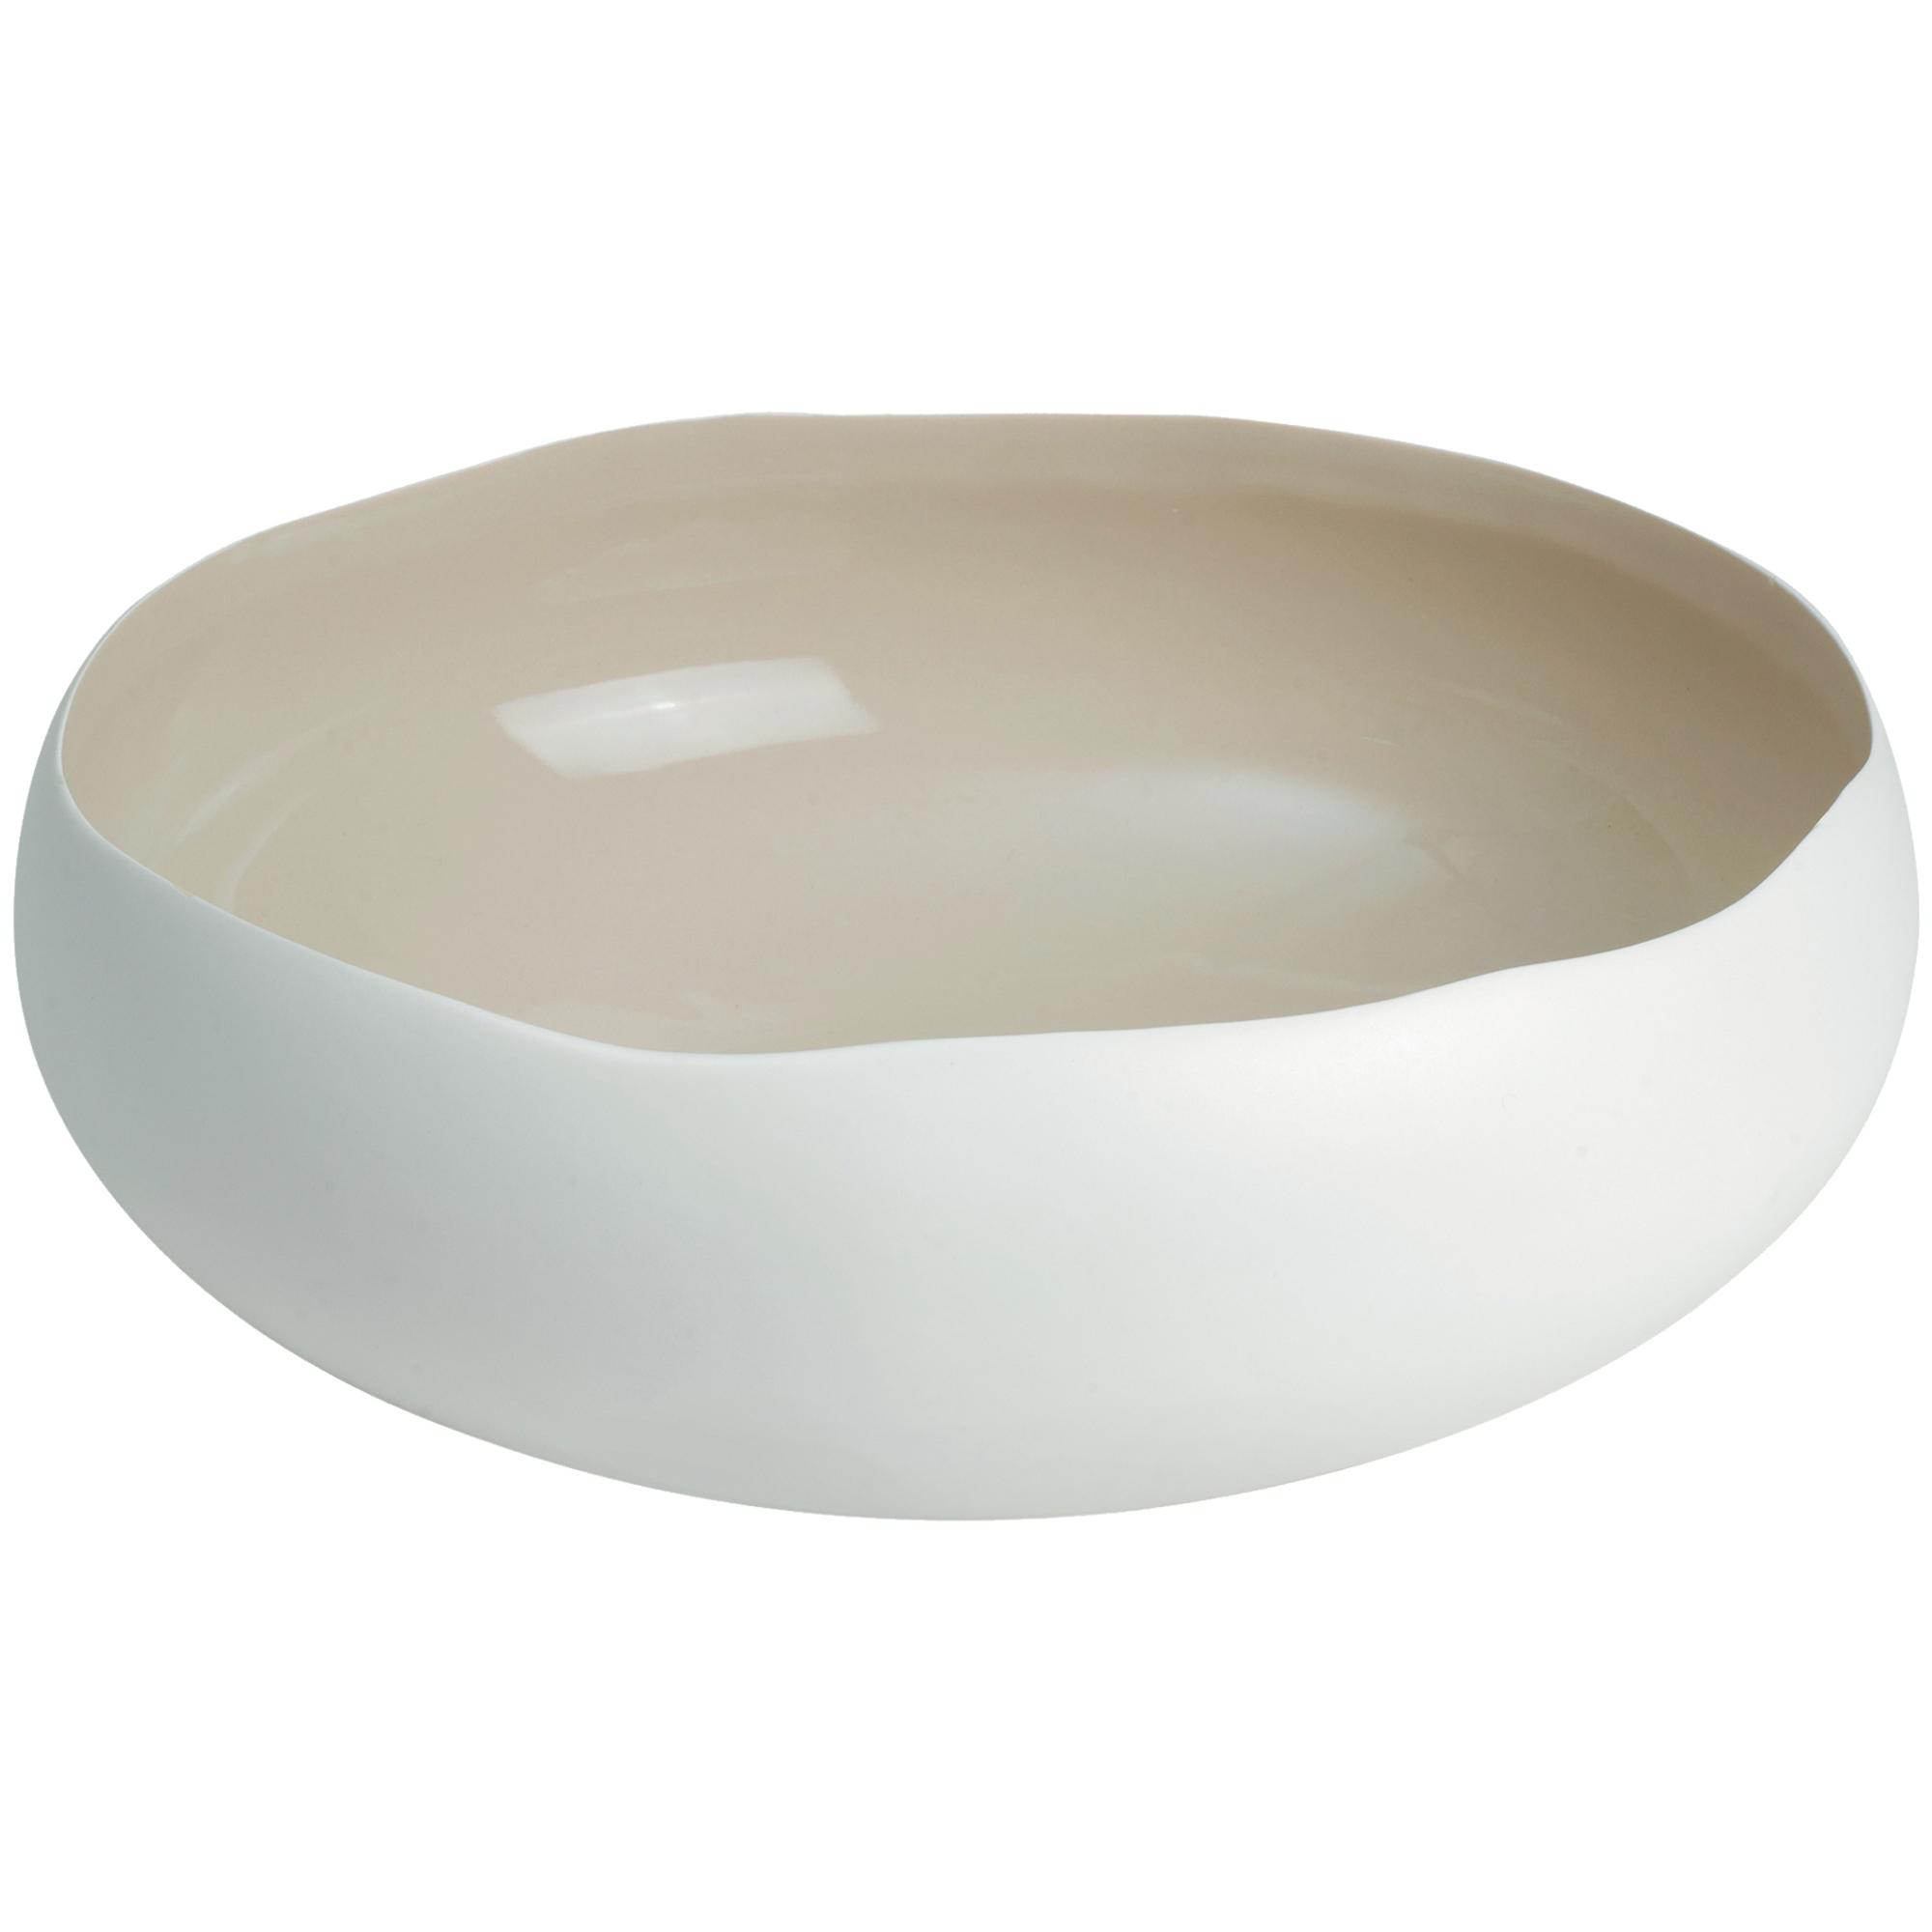 Coupe en grès de table beige 34 cm